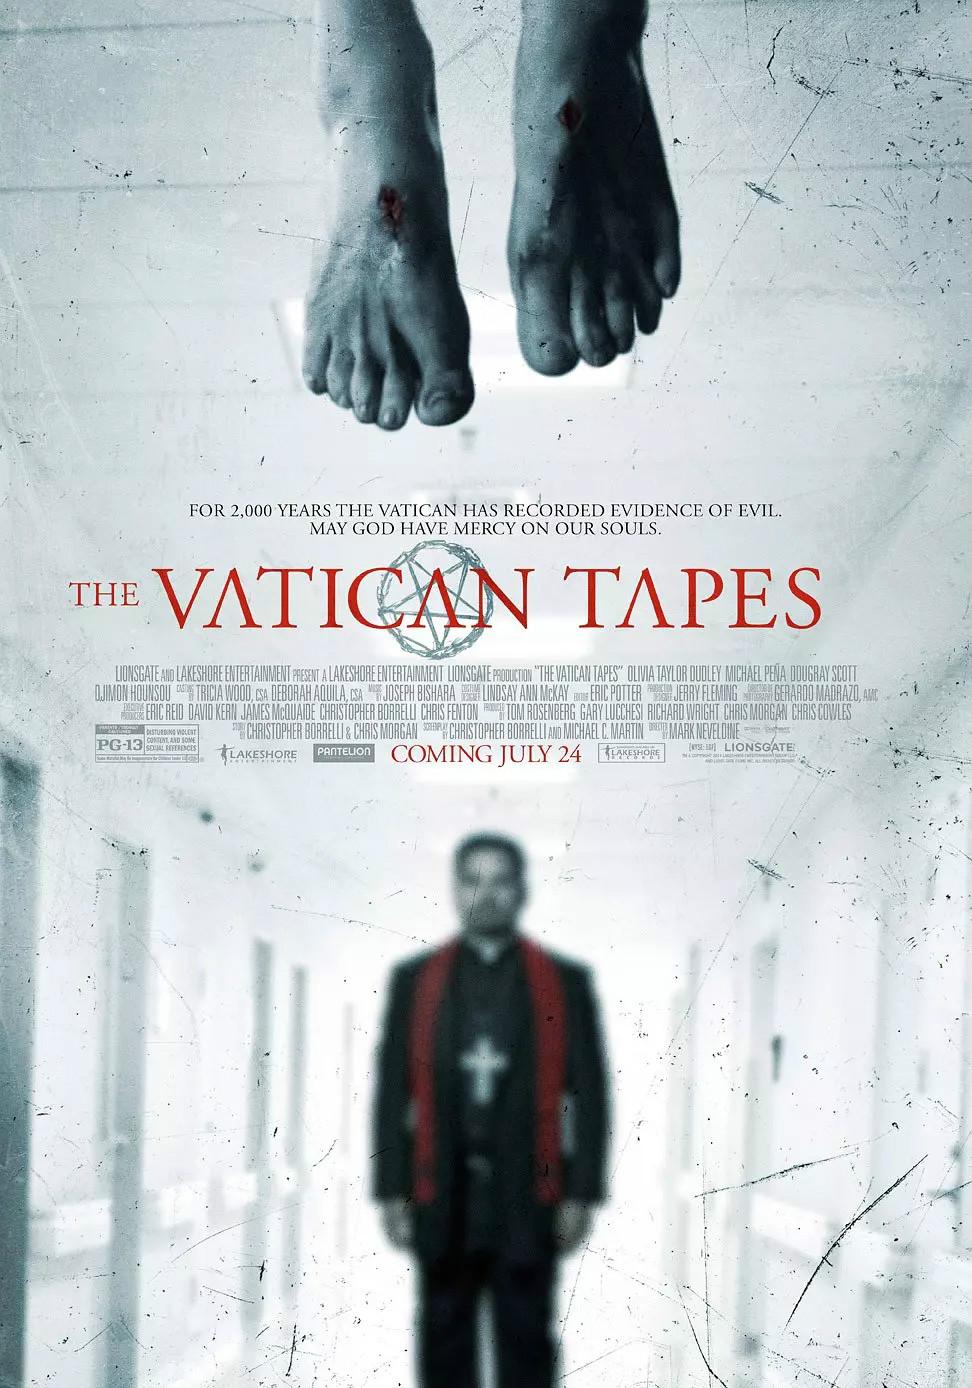 《梵蒂冈录像带》  高清在线观看_完整版迅雷下载